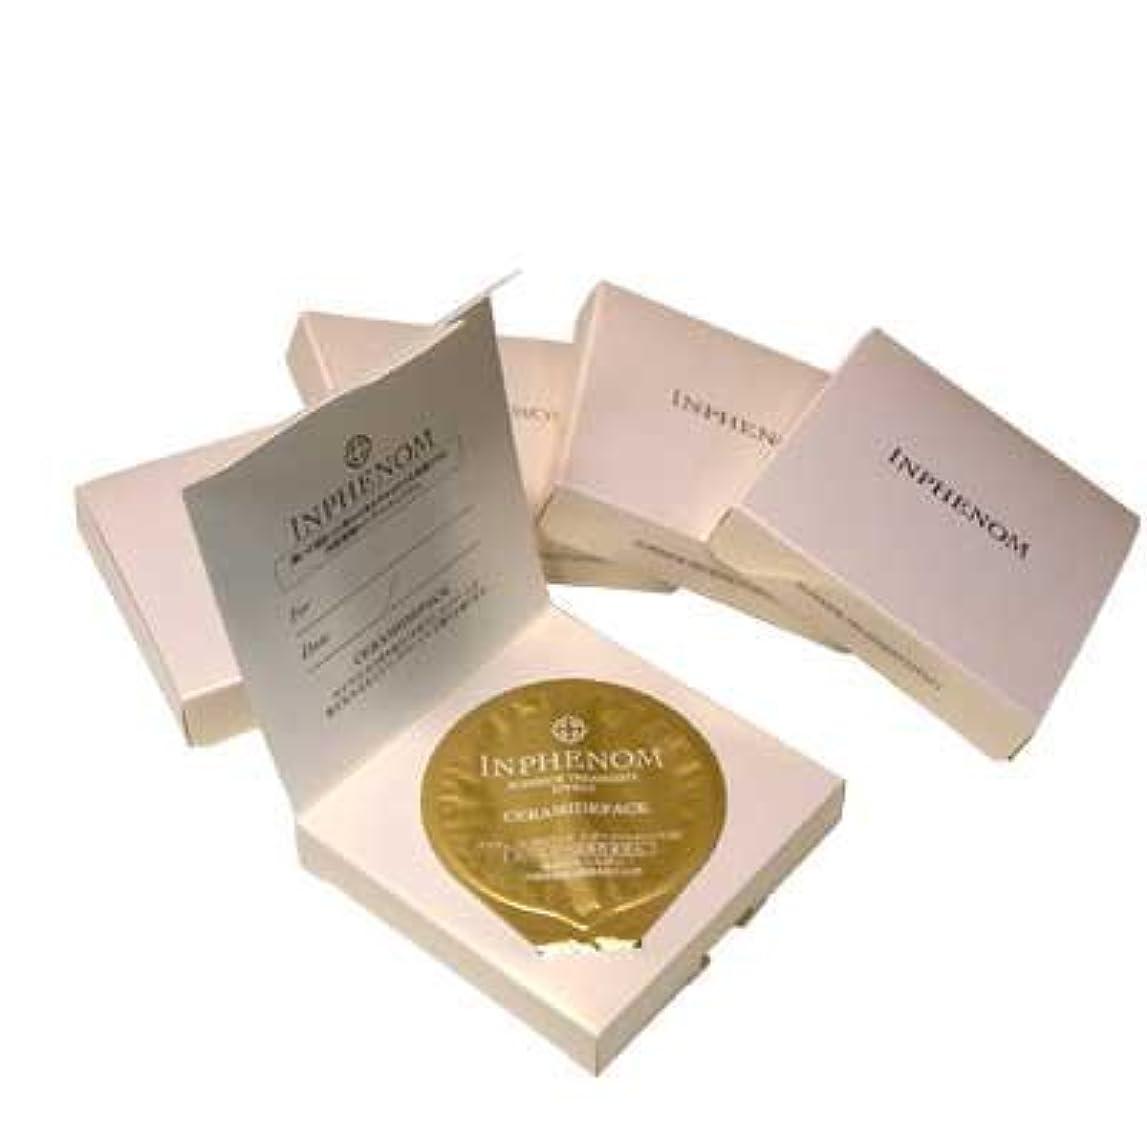 アンビエント伝統モックミルボン インフェノム CMパック (セラミドパック) 12g ×5個セット